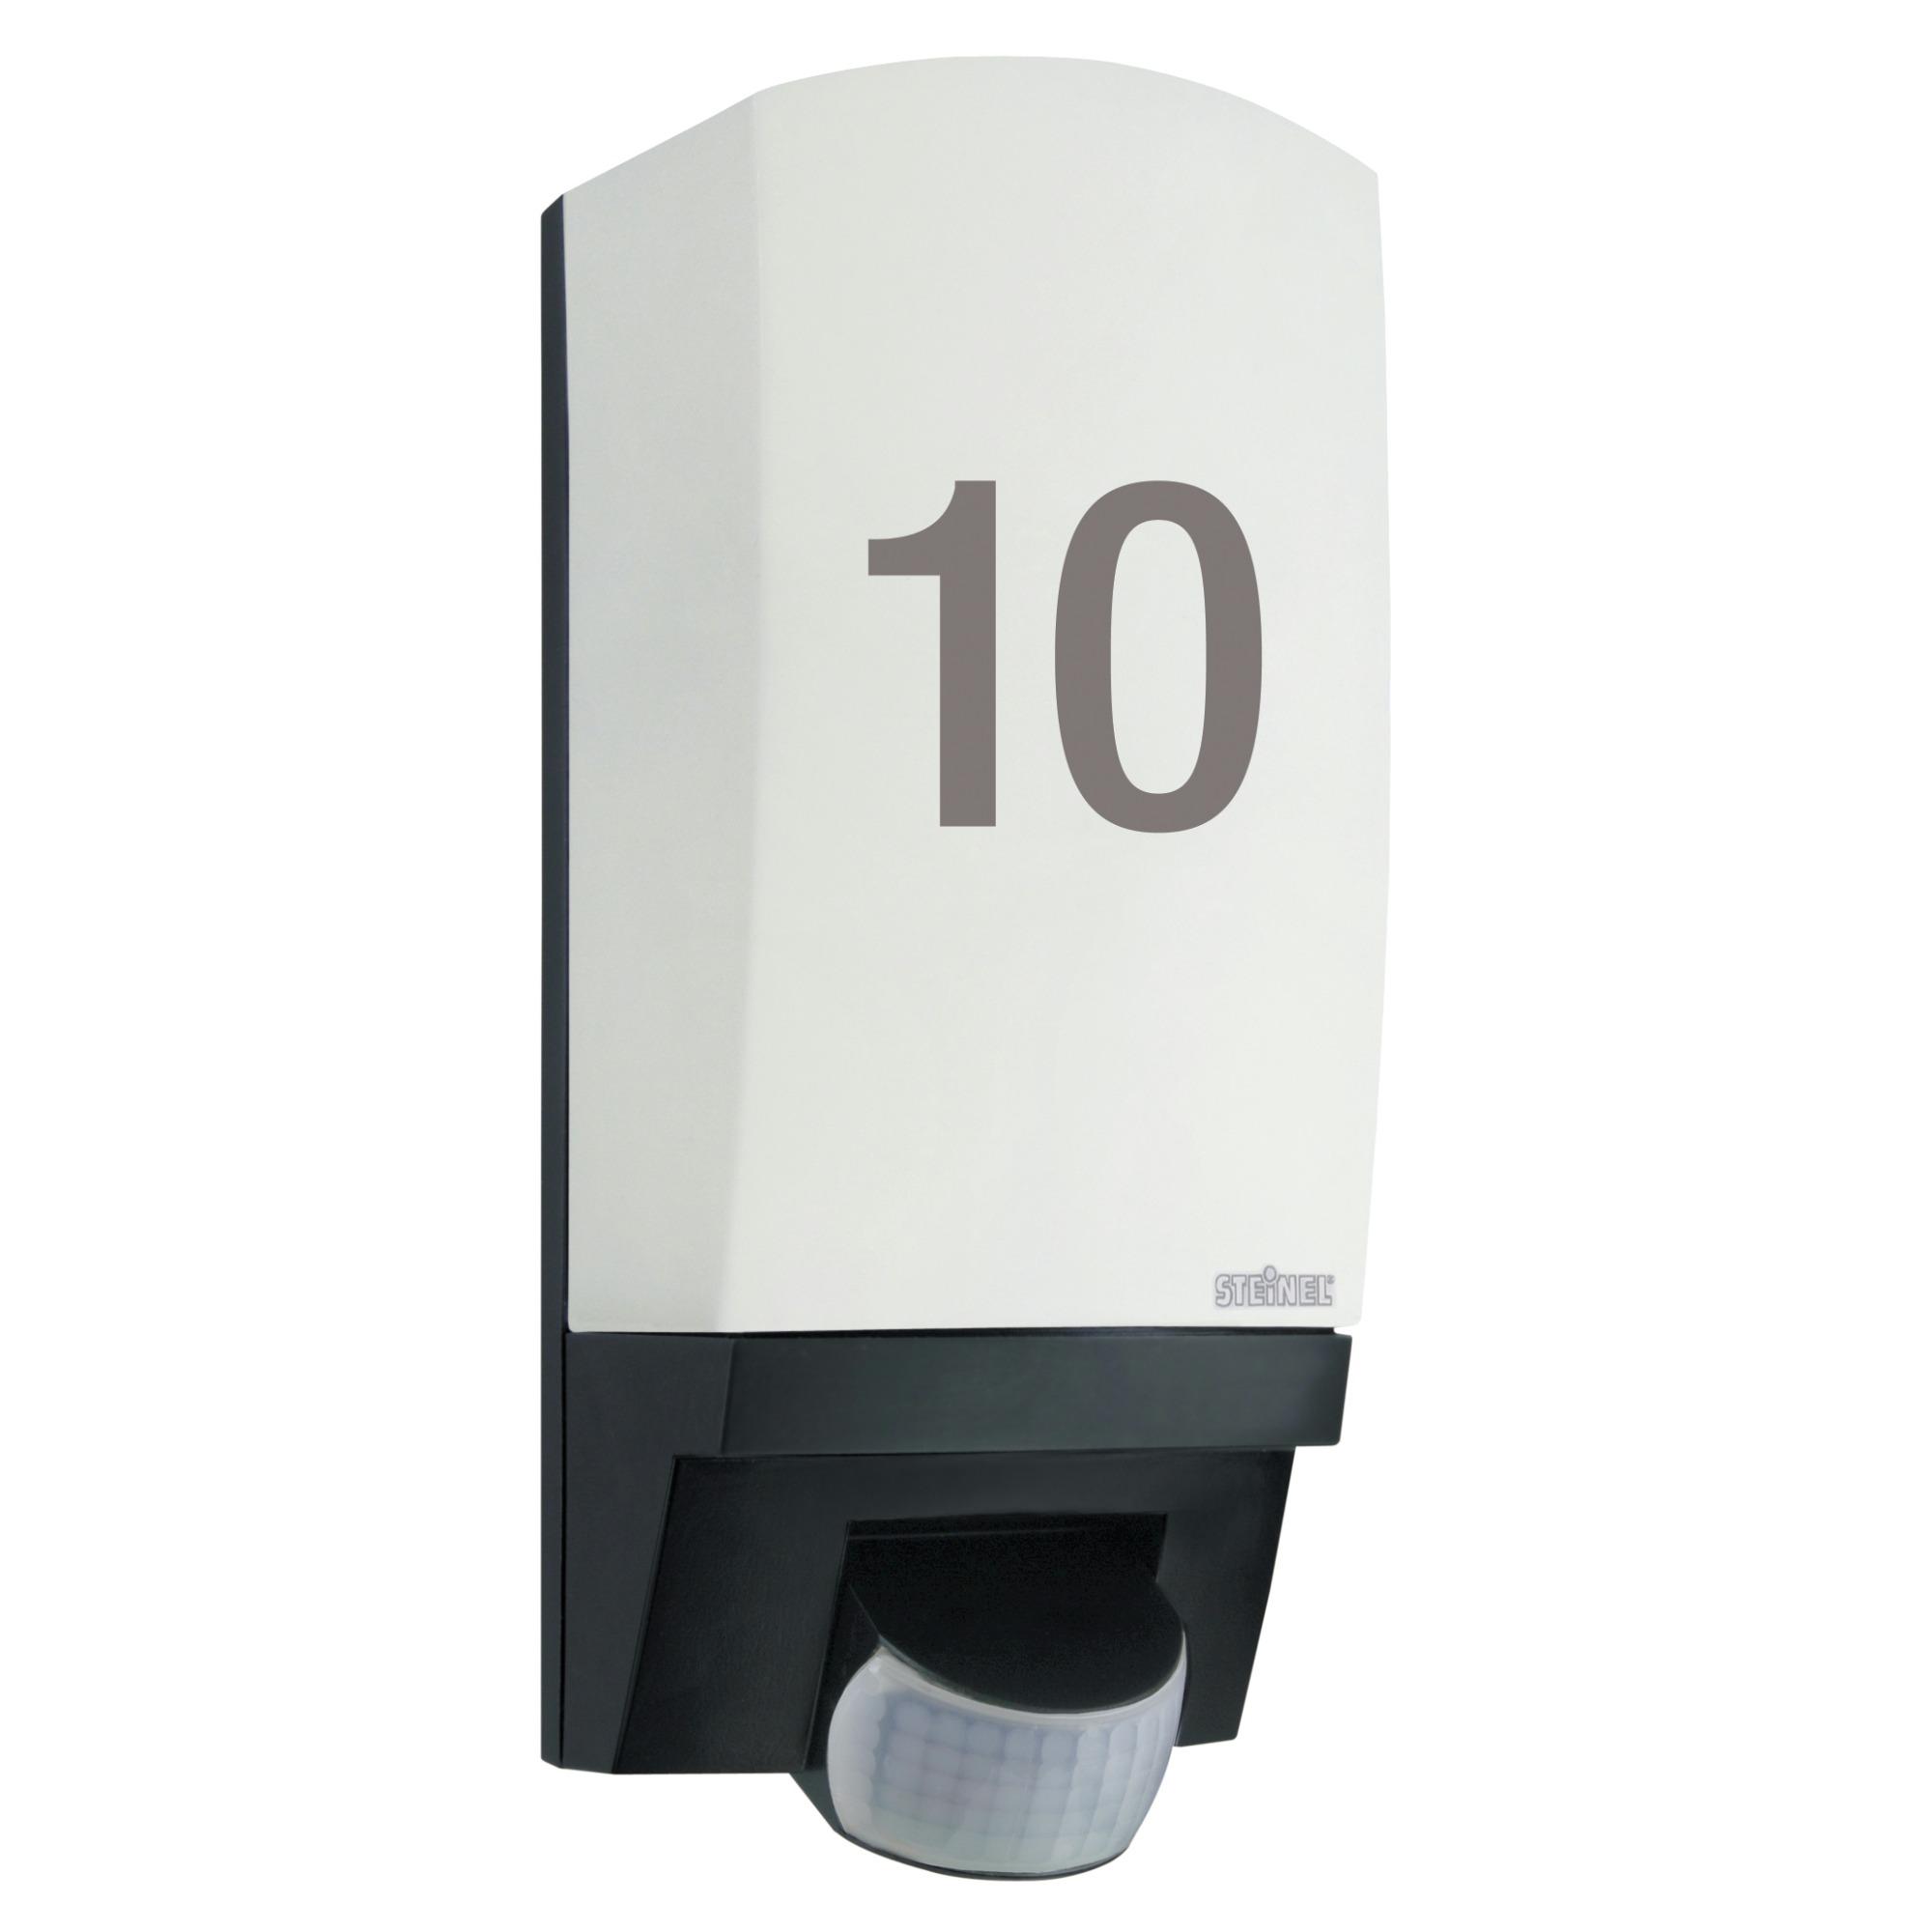 Steinel sensor buitenlamp